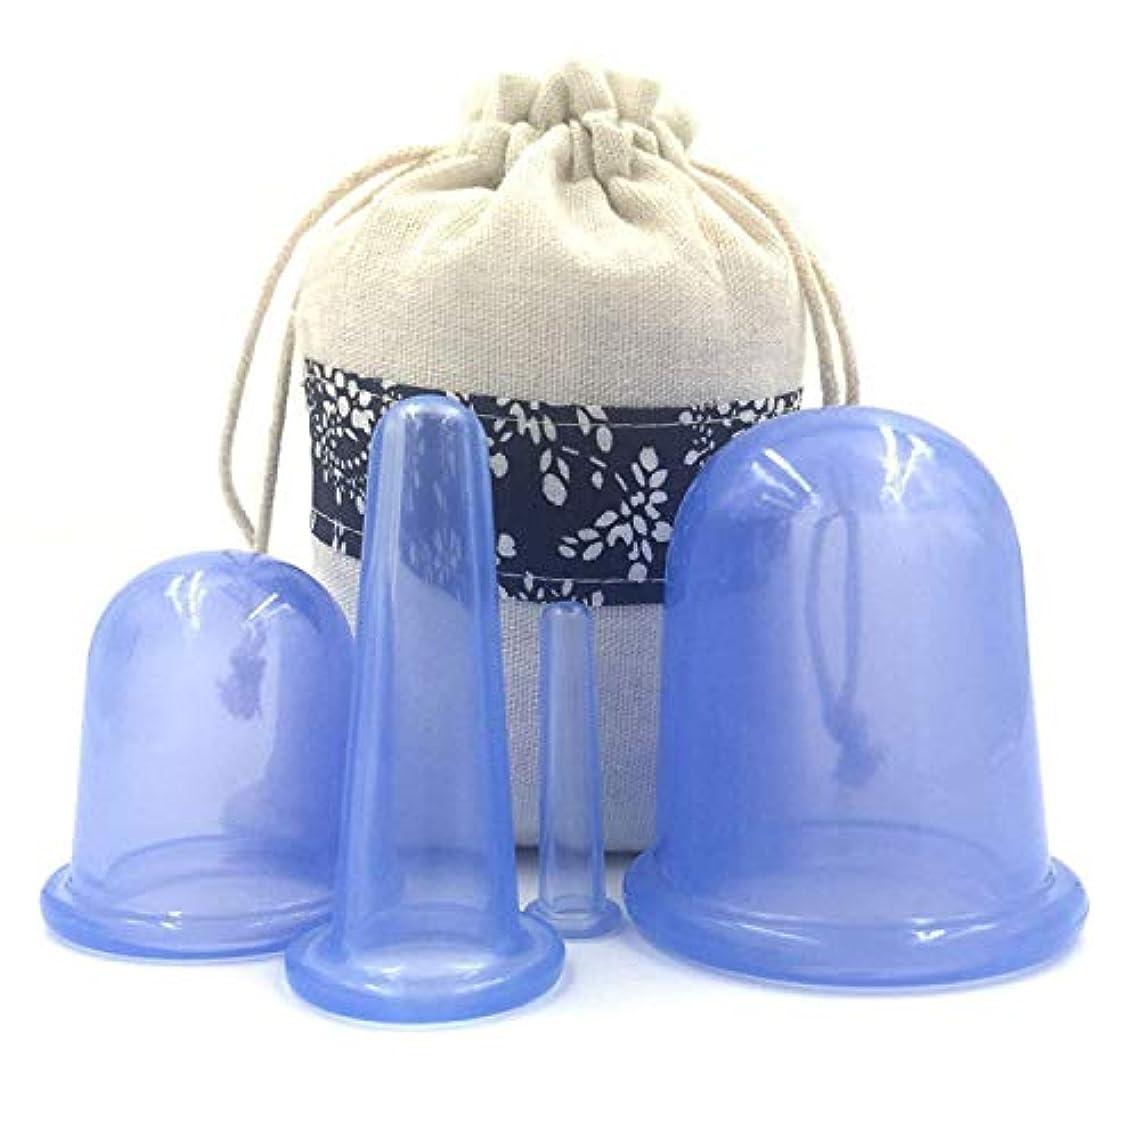 破壊的セラー分類するセルライトカッピング療法シリコーンカッピングセット家庭用水分カッピングカッピングマッサージカップ